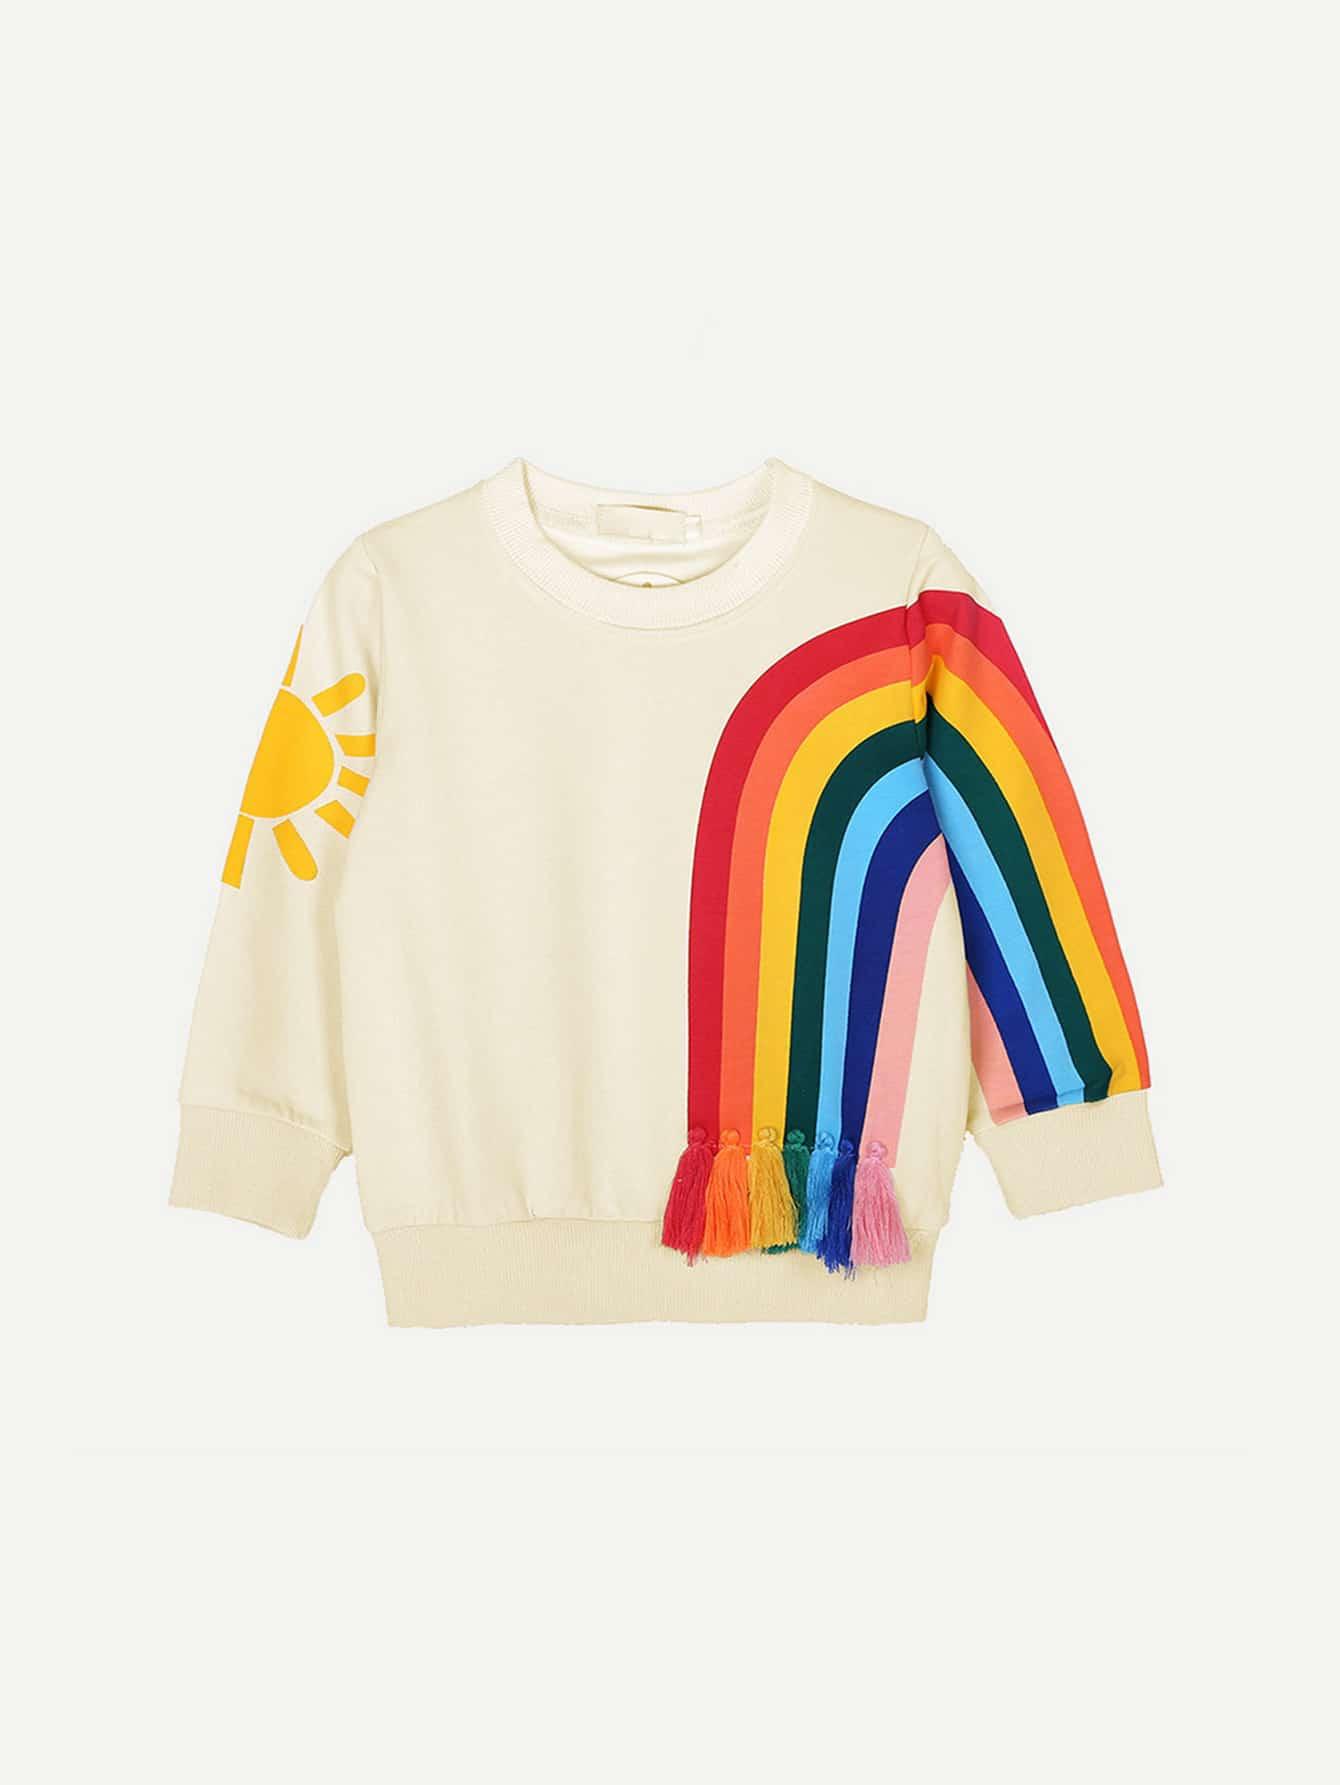 Толстовка для детей Rainbow Print, null, SheIn  - купить со скидкой